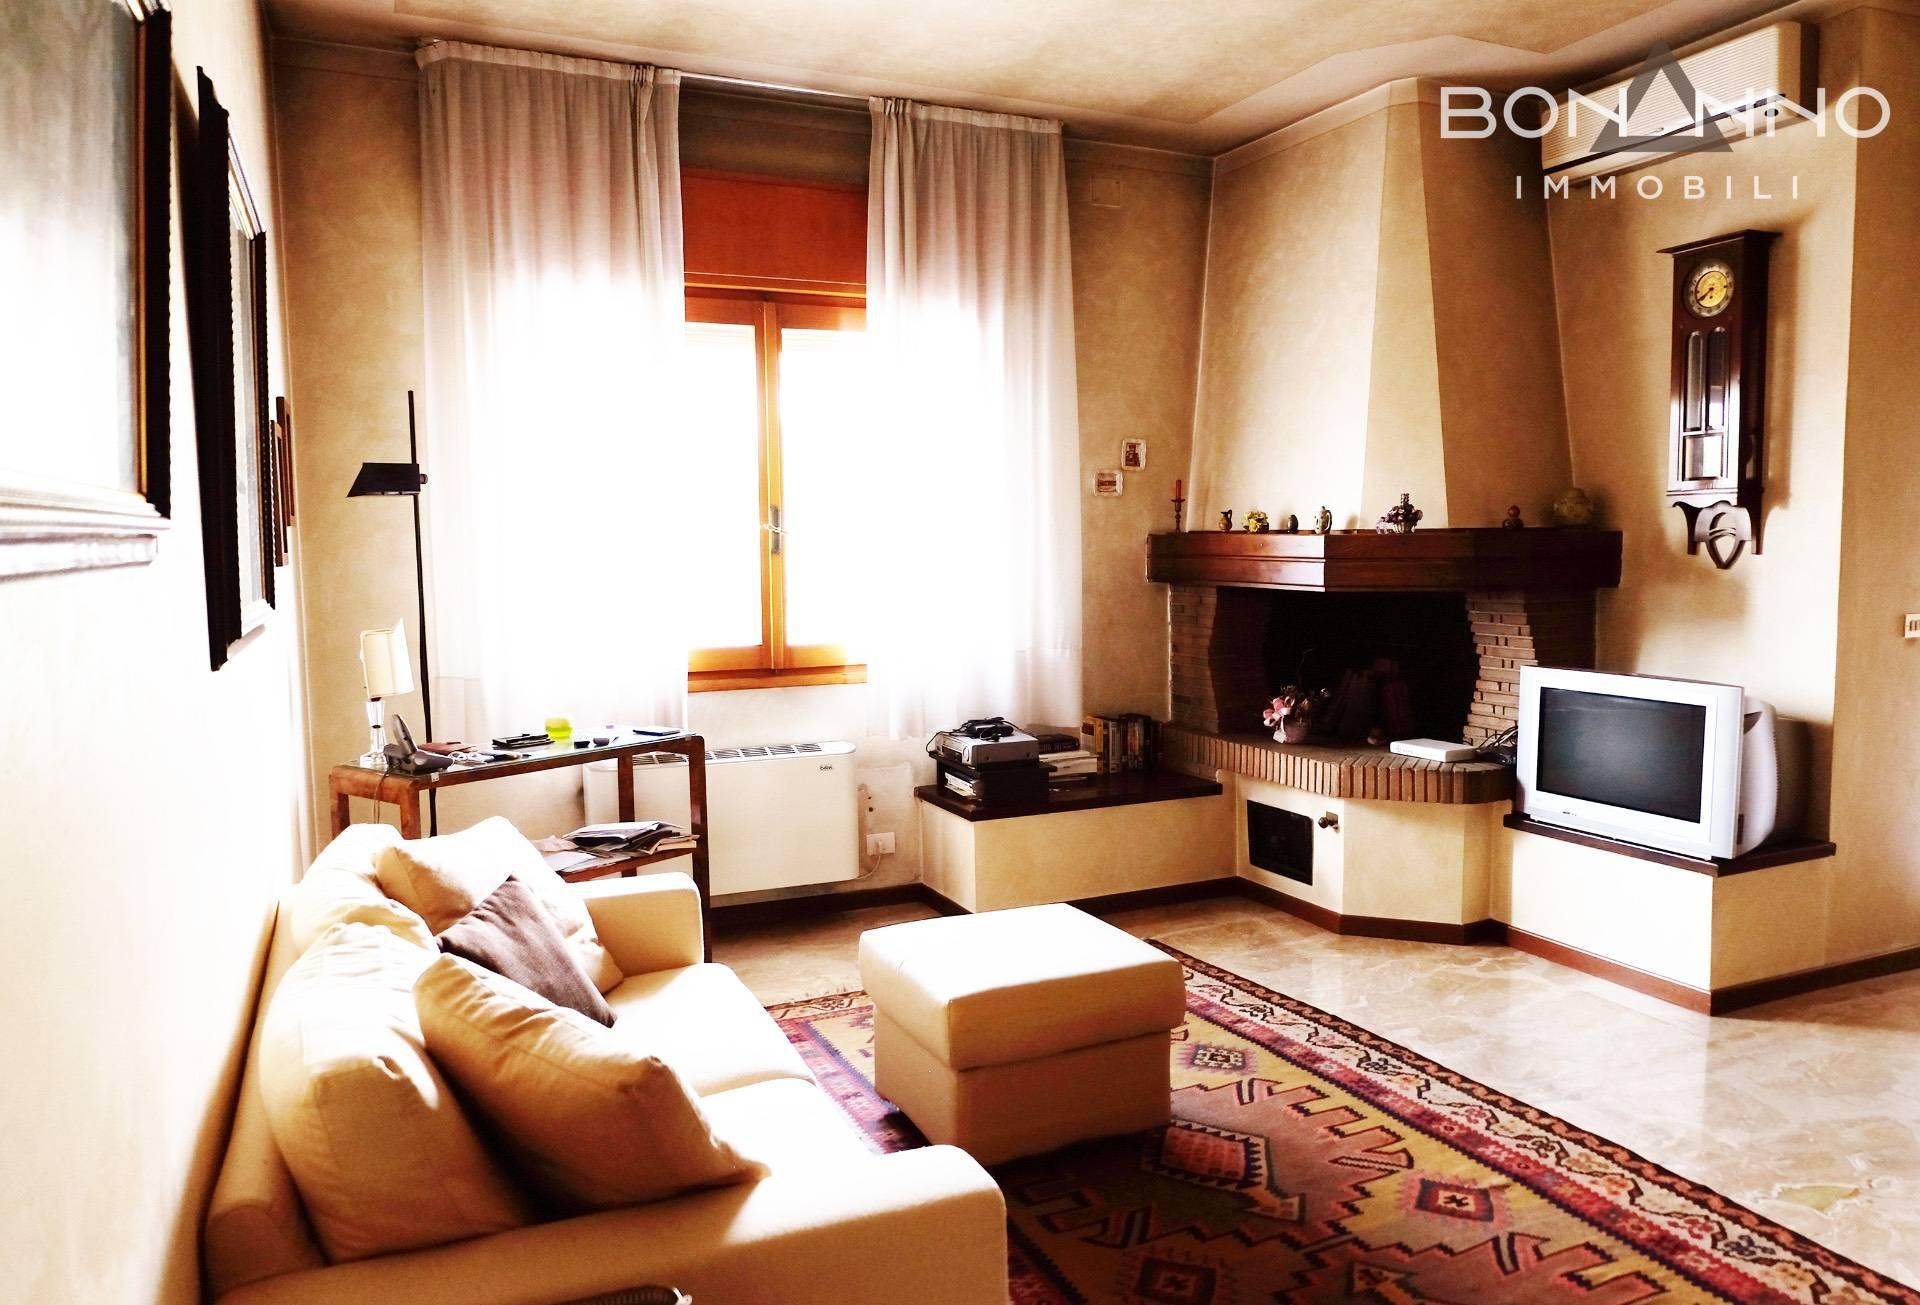 Appartamento in vendita a Riese Pio X, 7 locali, Trattative riservate | CambioCasa.it